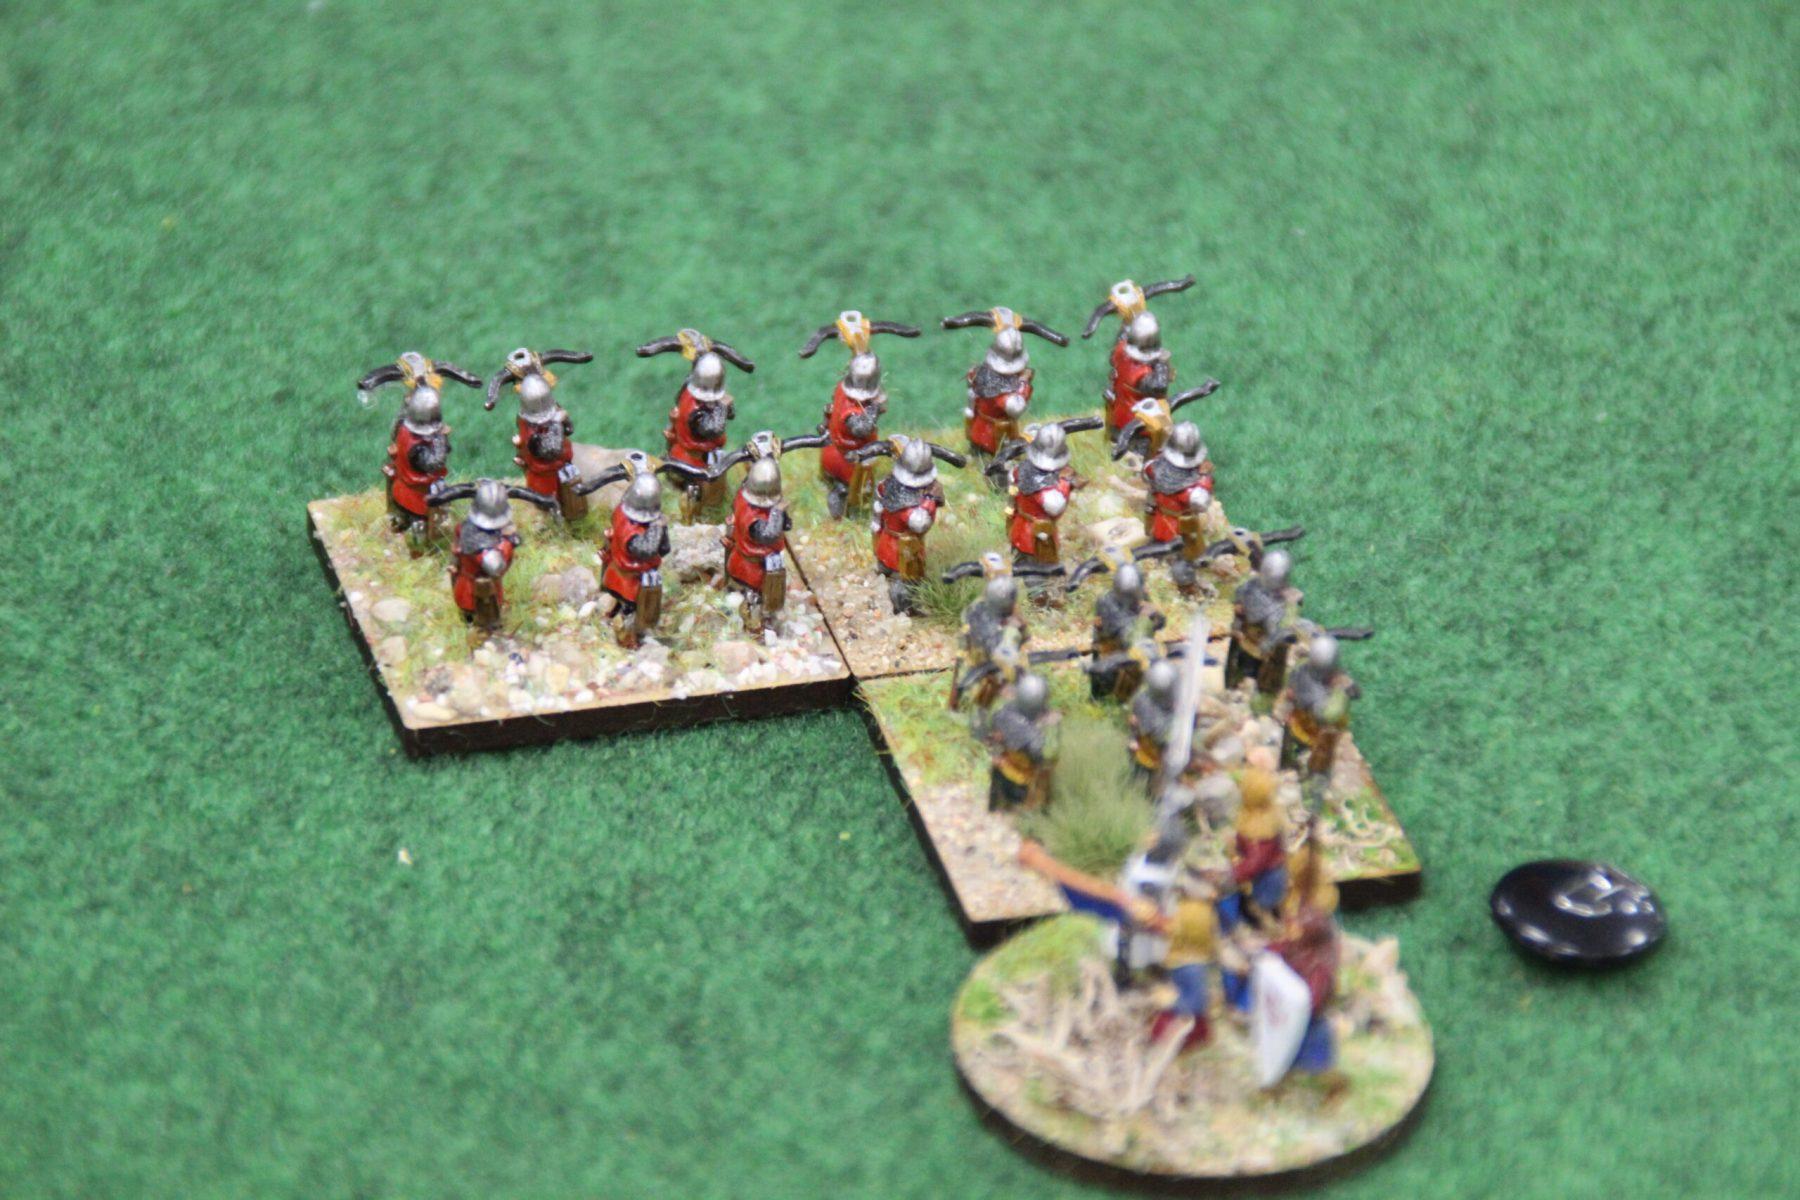 Les arbalétriers Croisés tentent tant bien que mal de faire pencher la balance en leur faveur.